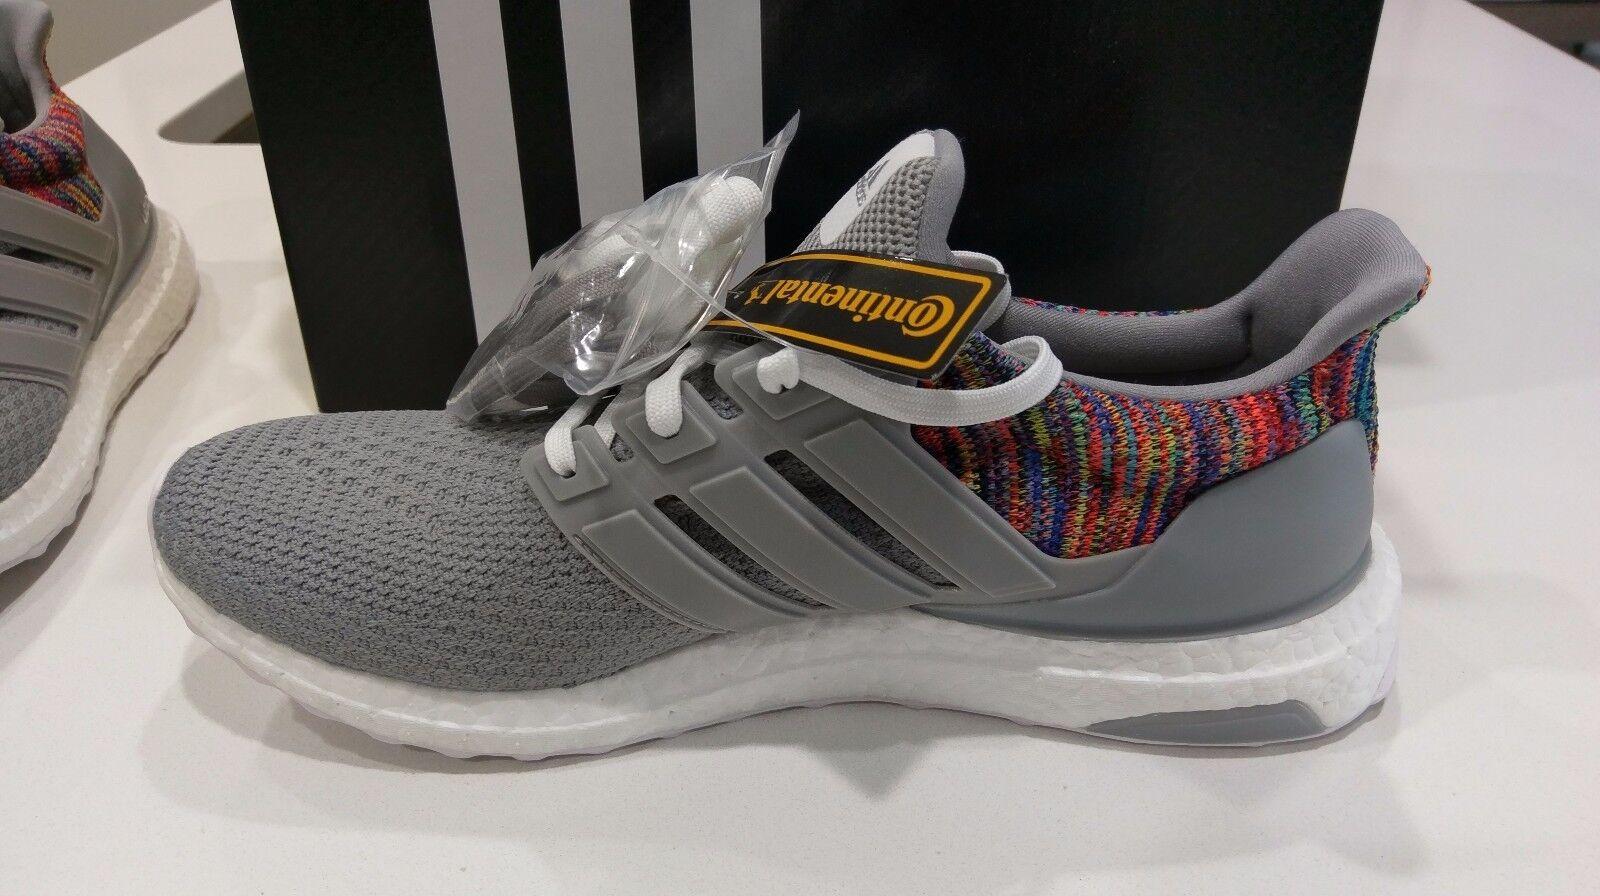 * miadidas nuove adidas miadidas * arcobaleno e 'grigio ultra aumentare dimensioni 10 multicolore scorte morte rara * ed6e2d